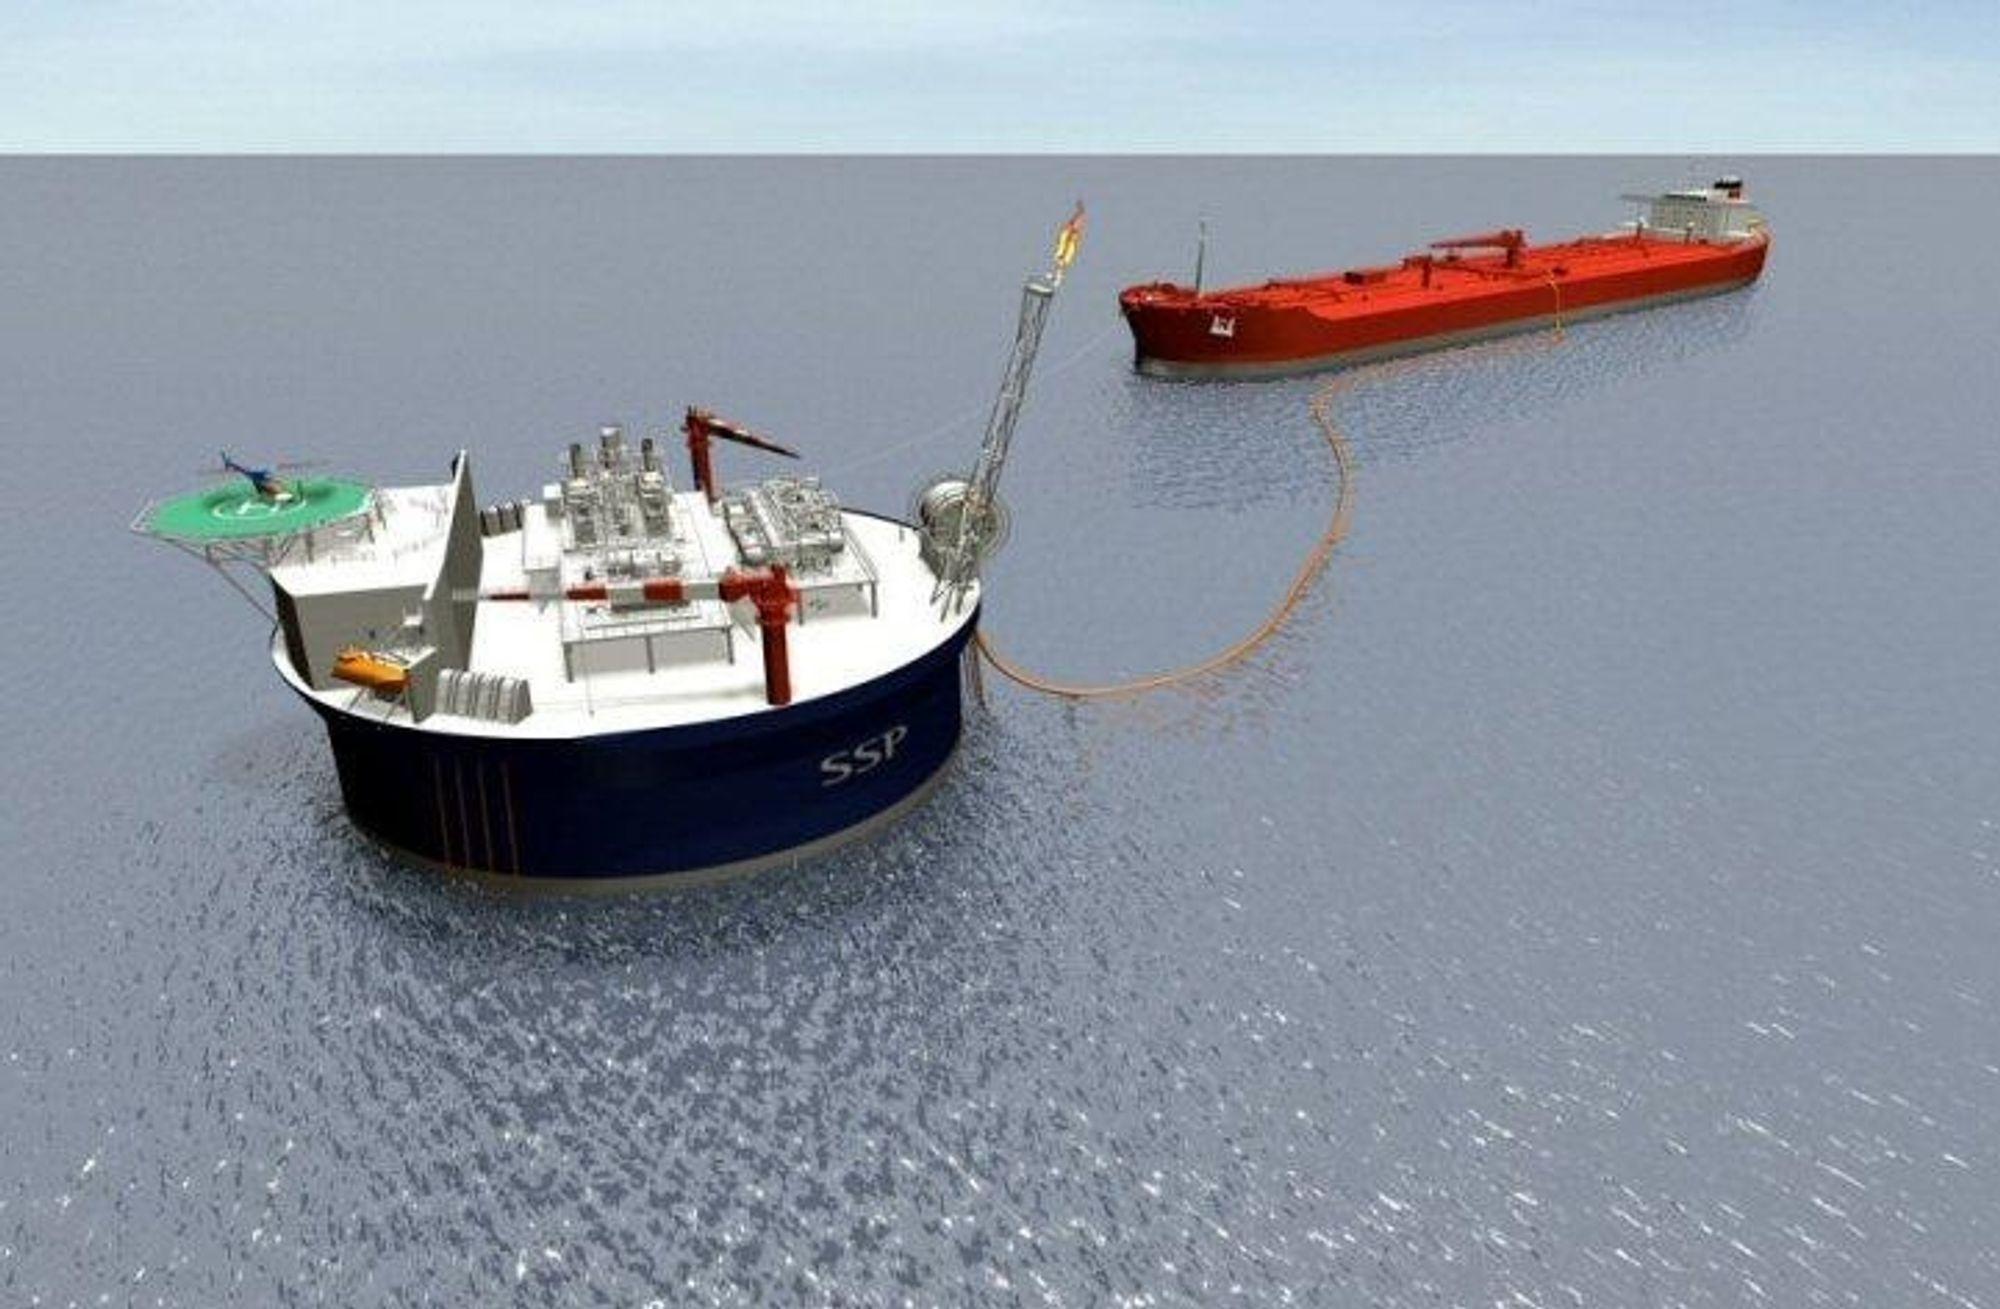 RUND: SSP 300 plattformen er sirkulær. Prosessanlegget om bord skal konstrueres av Kanfa i Asker, mens ingeniørarbeidene skal gjennomføres i Arendal. ILL SM